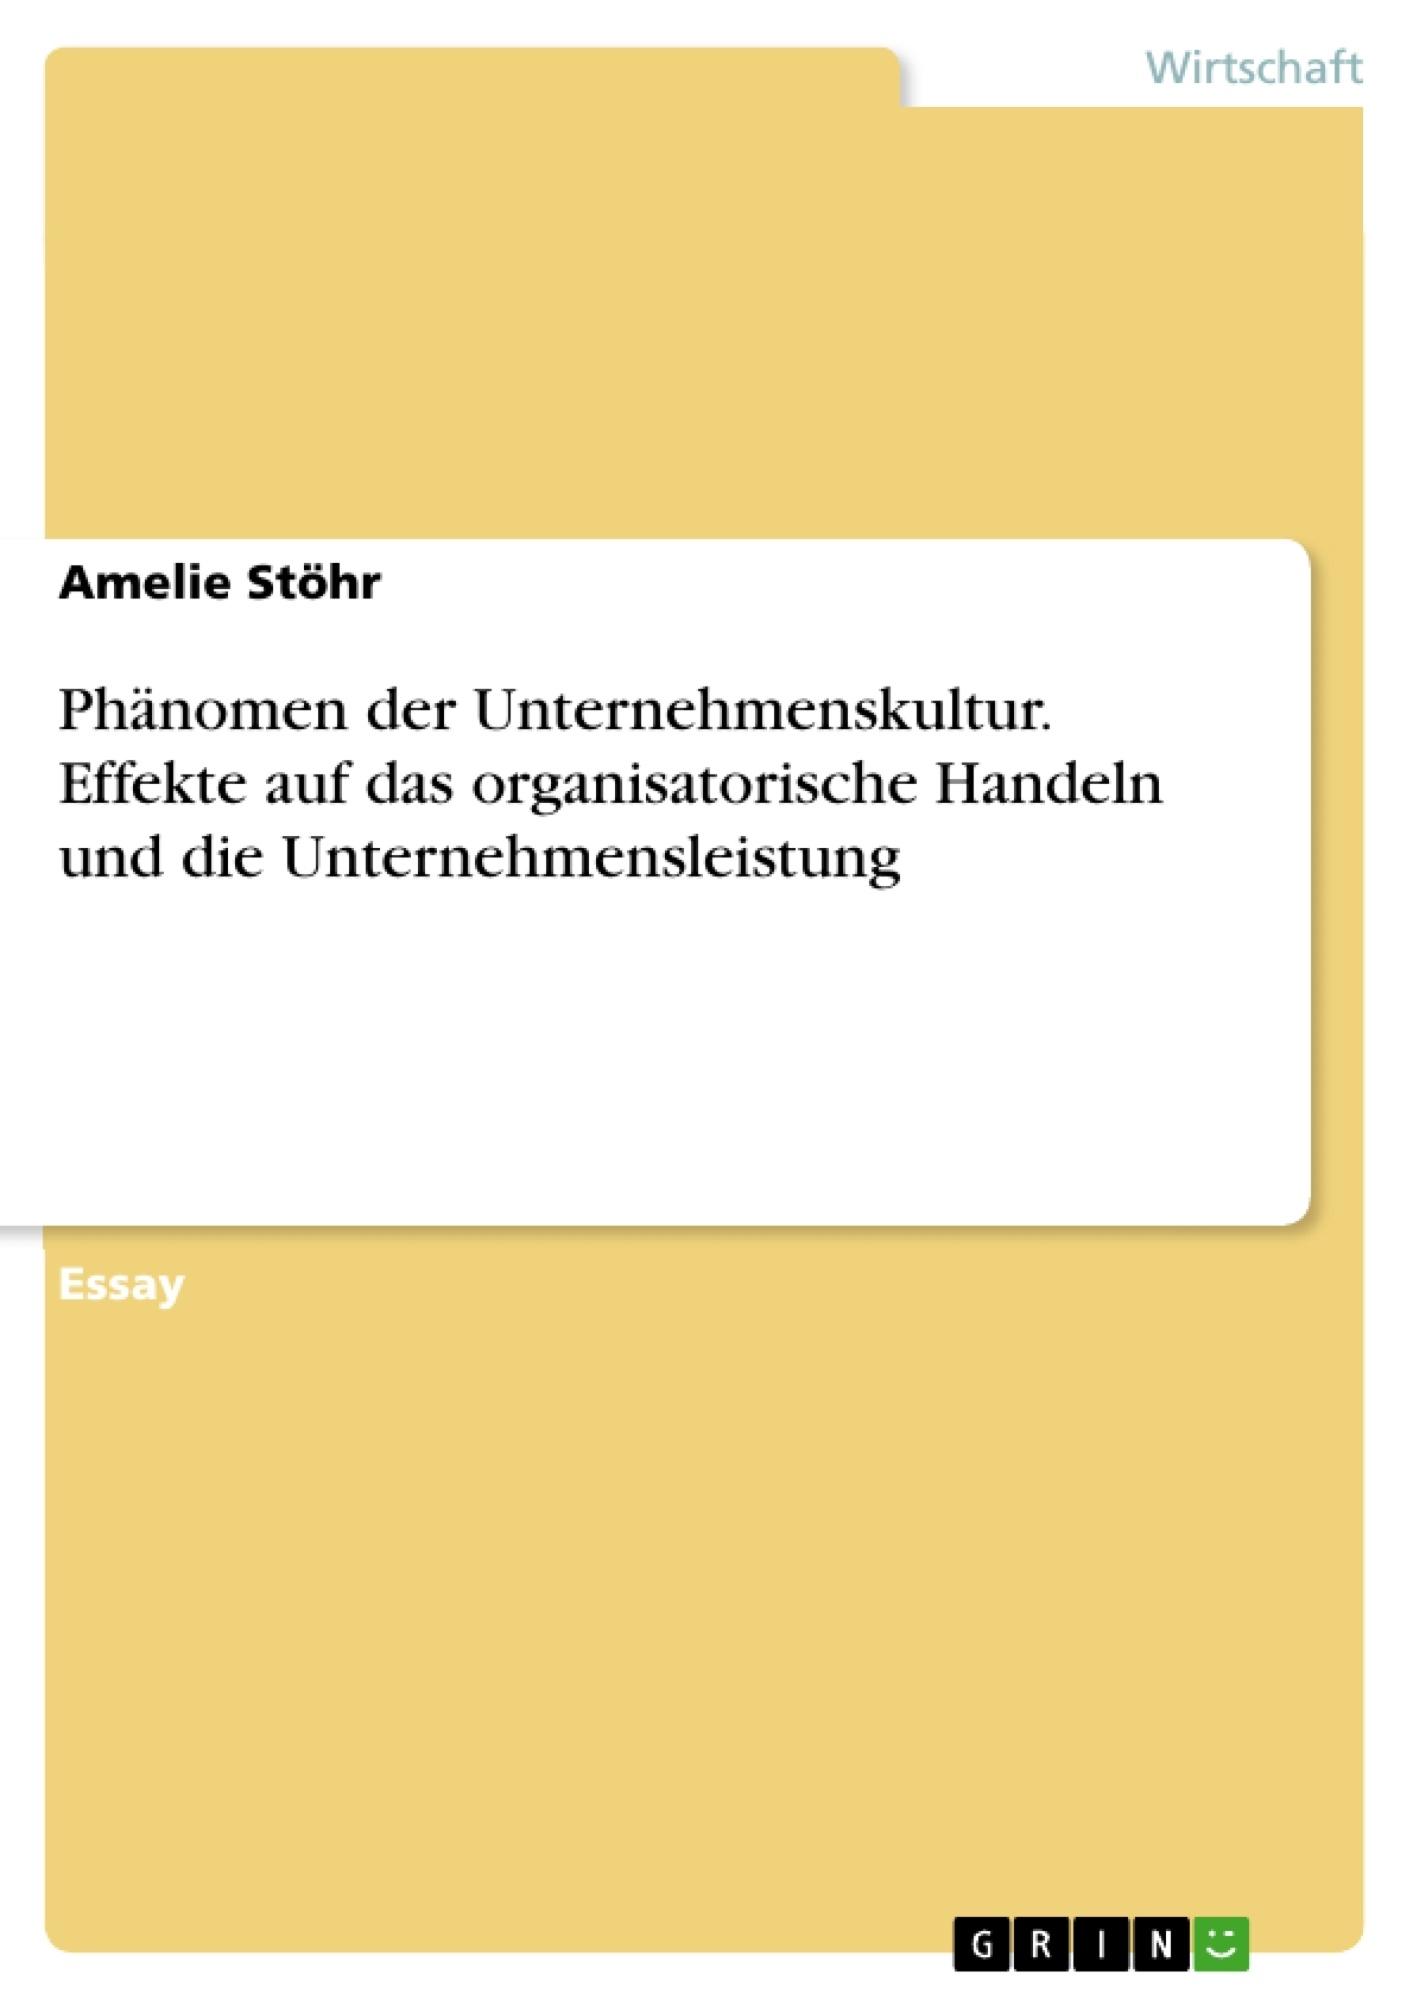 Titel: Phänomen der Unternehmenskultur. Effekte auf das organisatorische Handeln und die Unternehmensleistung